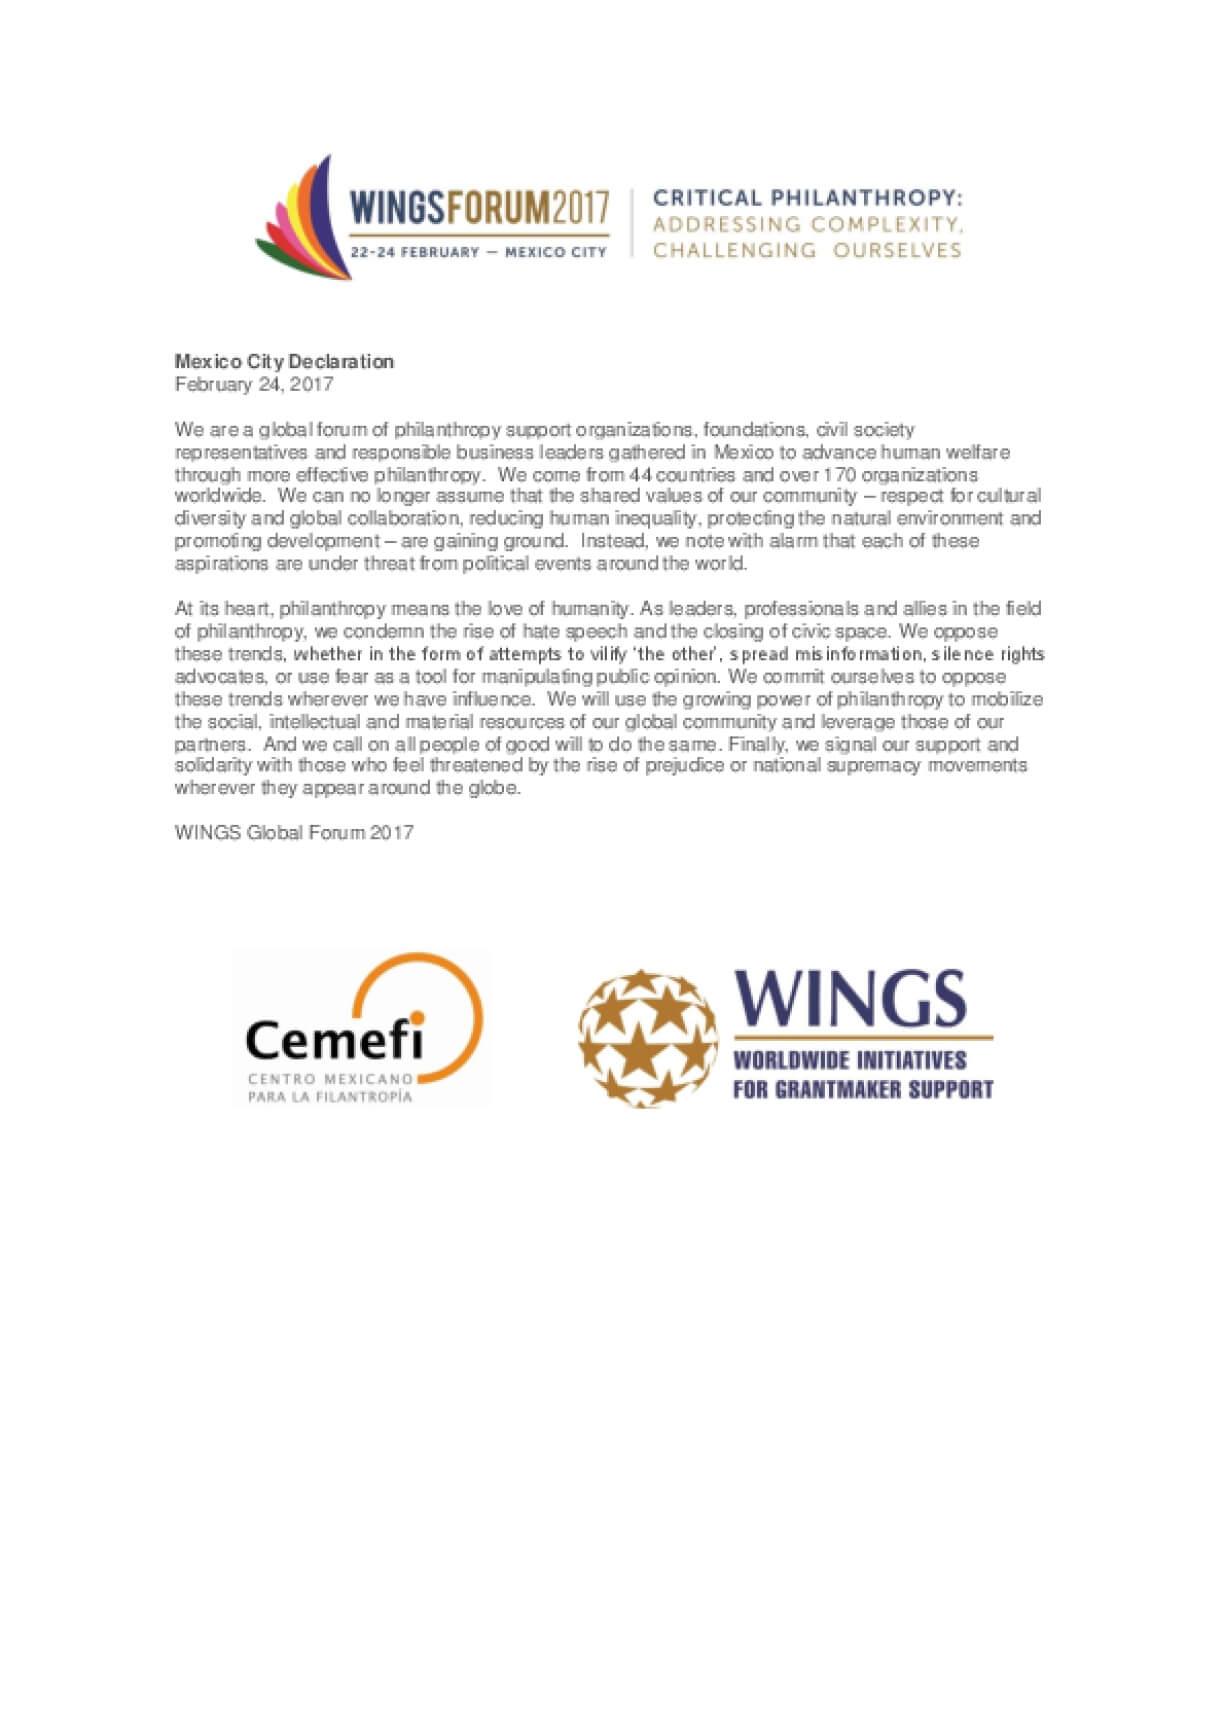 WINGSForum 2017 Mexico City Declaration